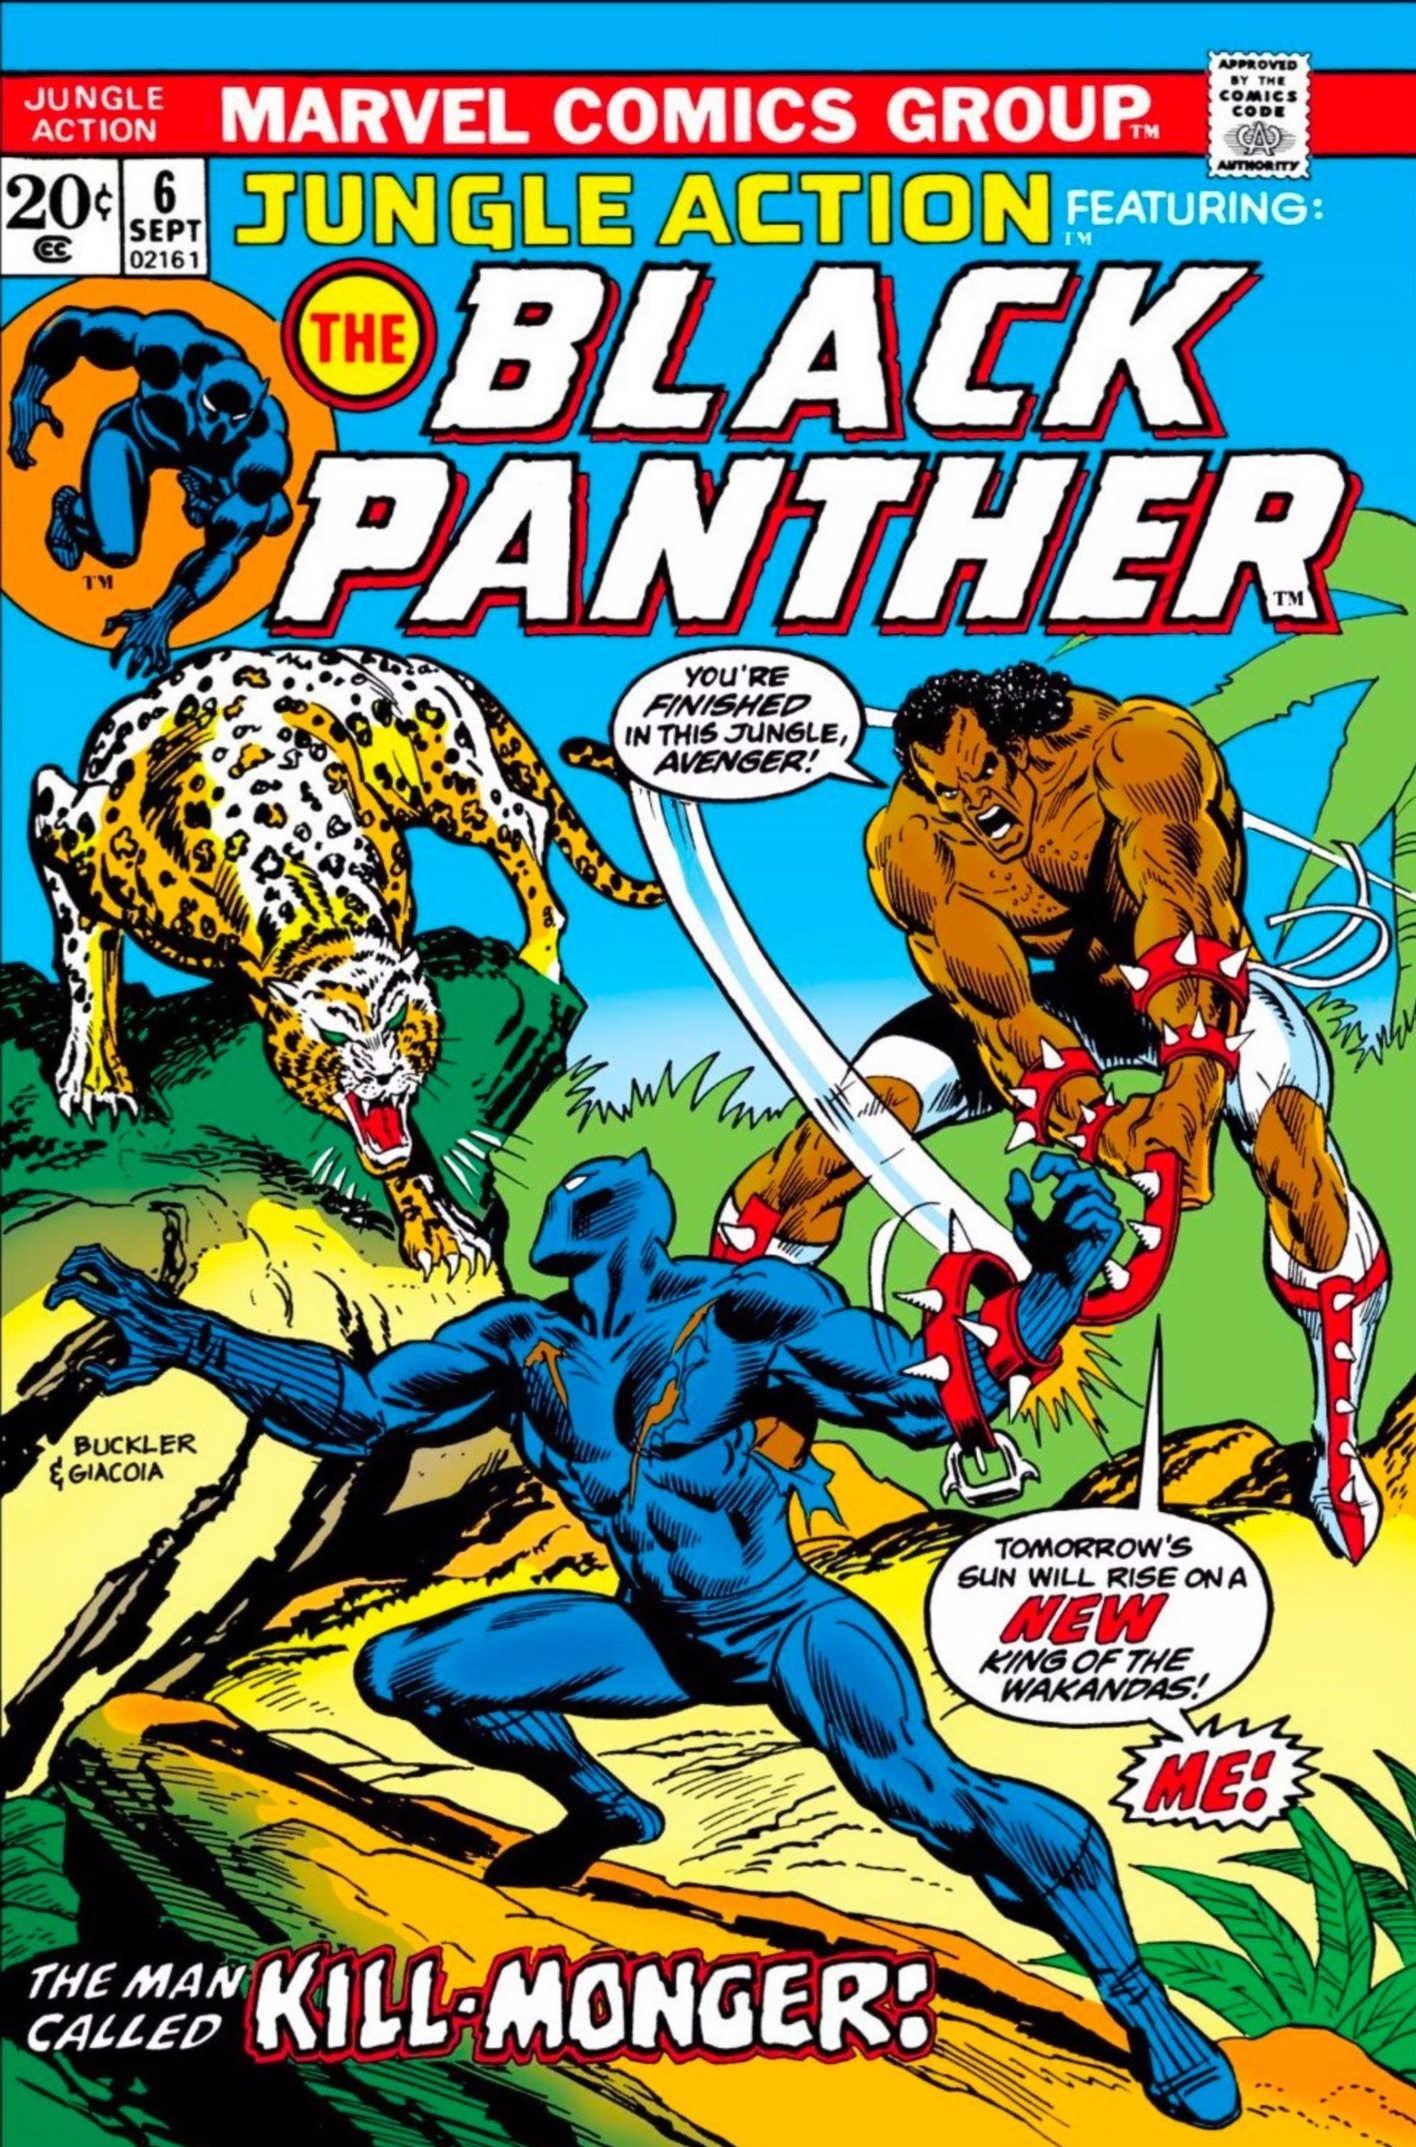 نقد و رمزگشایی فیلم Black Panther 2018 (پلنگ سیاه)